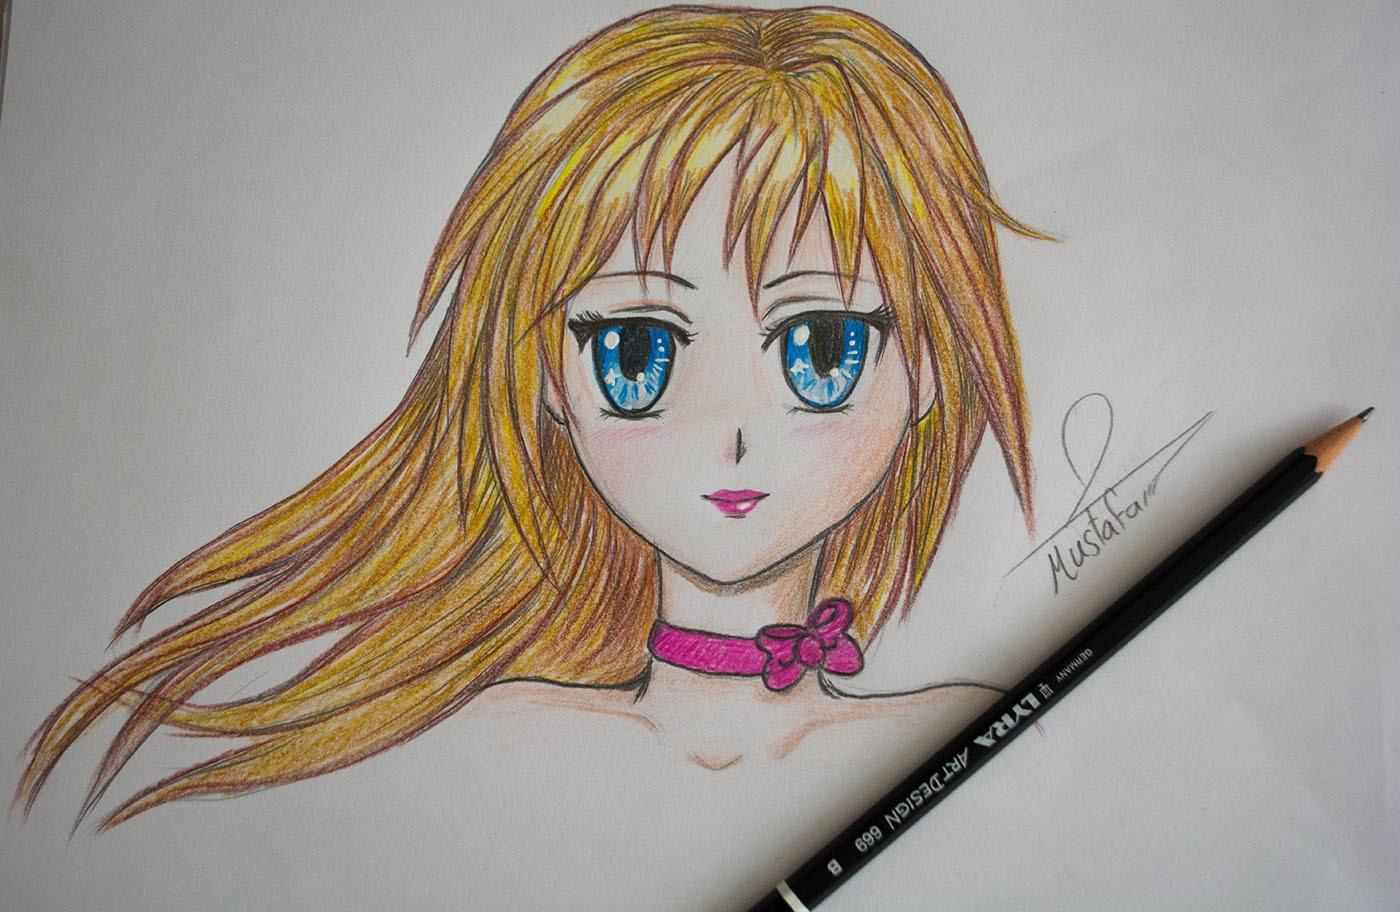 رسم انمي اجمل الرسومات انمى حبيبي